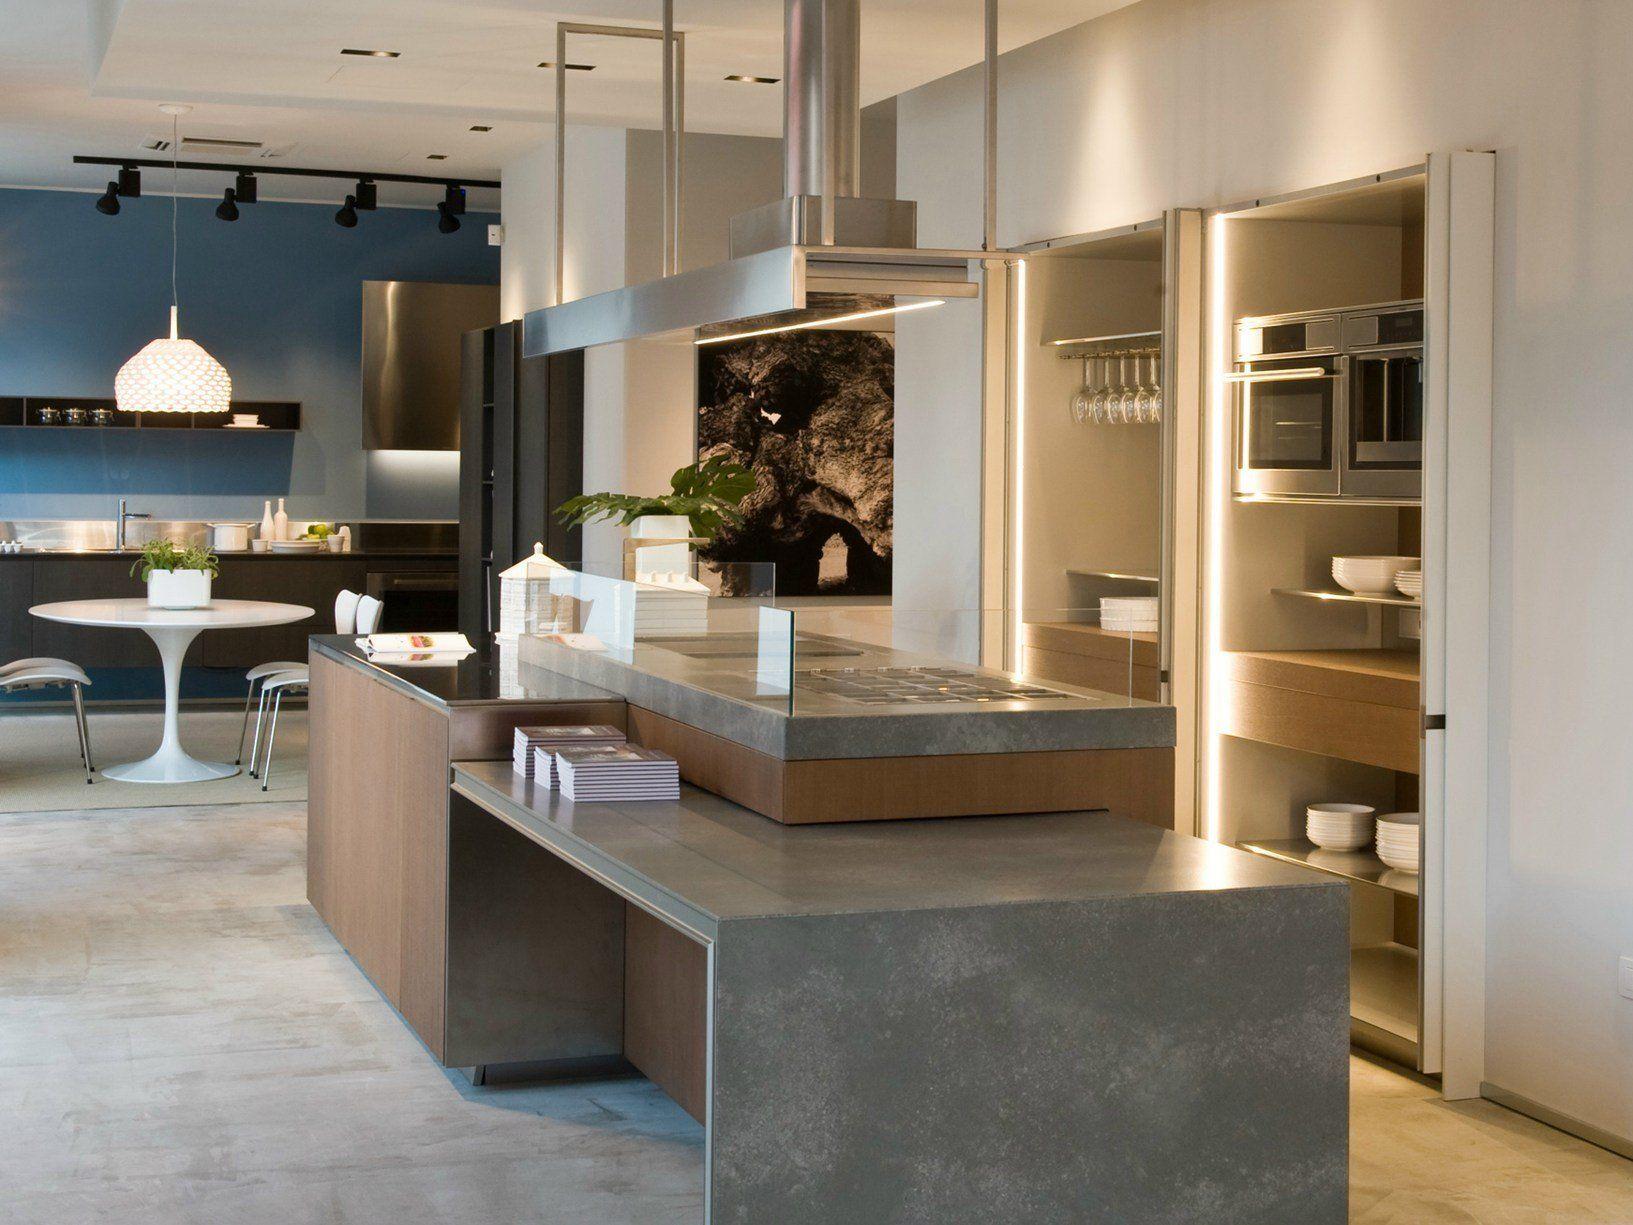 Cucina Design Cucina Design With Cucina Design Cucine U Fuorisalone Mdw Design Designweek With